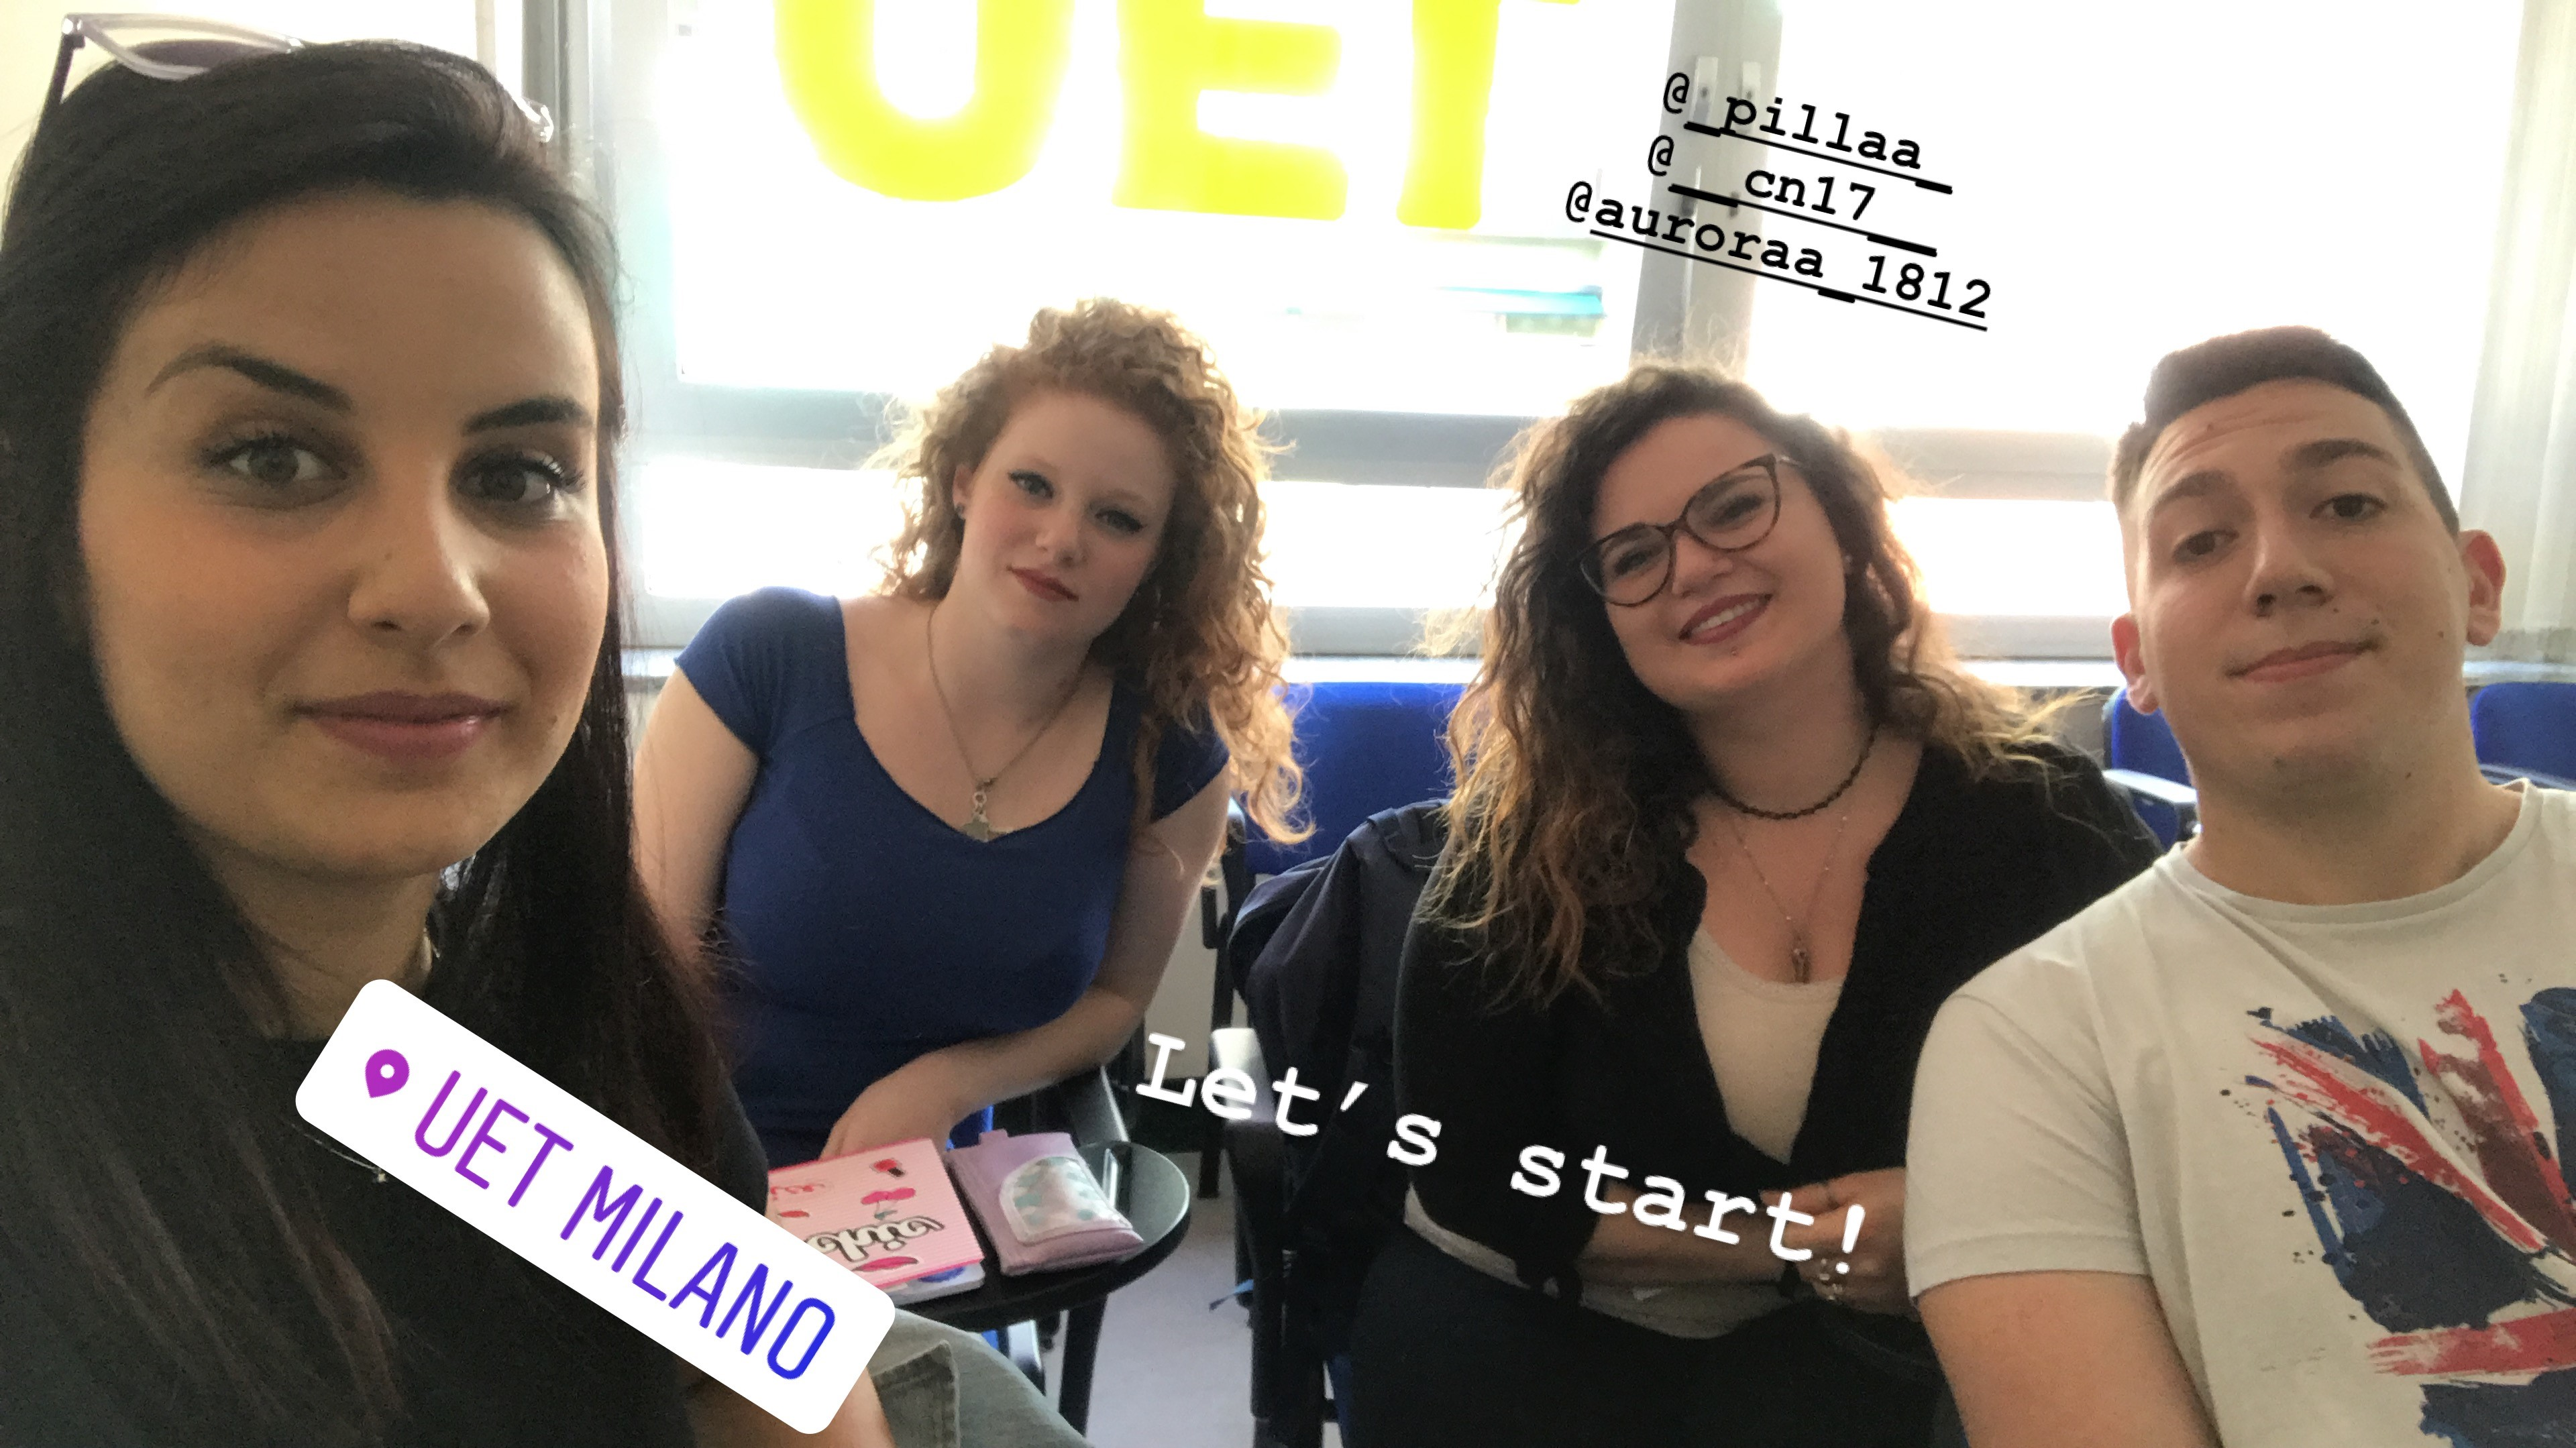 Parlano i partecipanti al BANDO TORNO SUBITO 2018 - REGIONE LAZIO presso la UET Milano